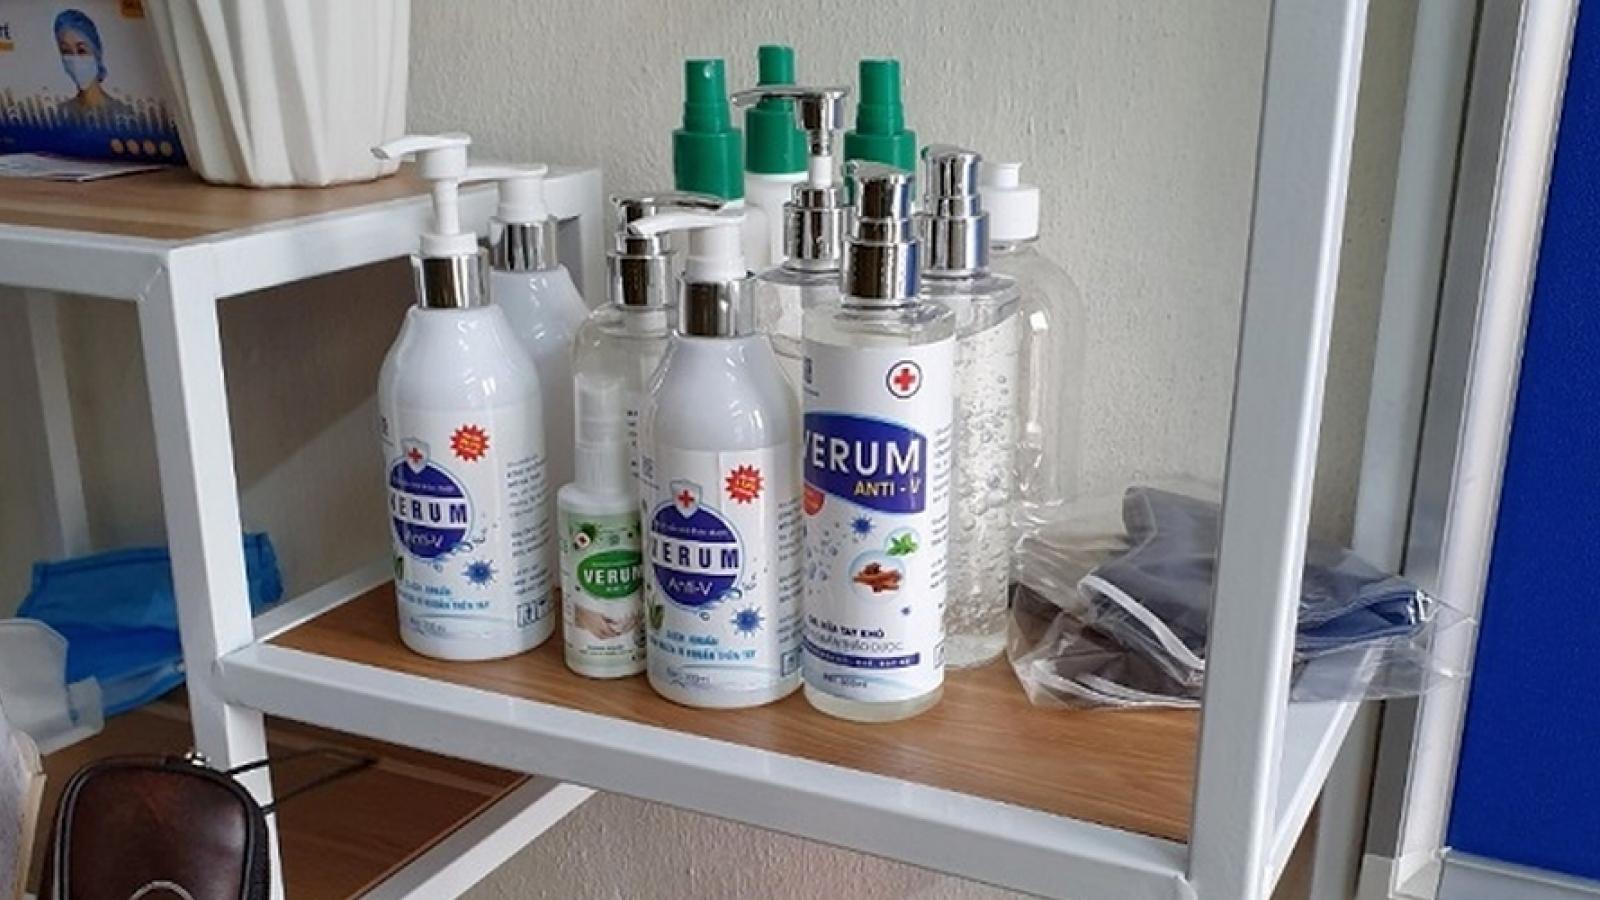 Công ty Minh Trí Hải Thịnh bị khởi tố vì sản xuất nước rửa tay sát khuẩn giả